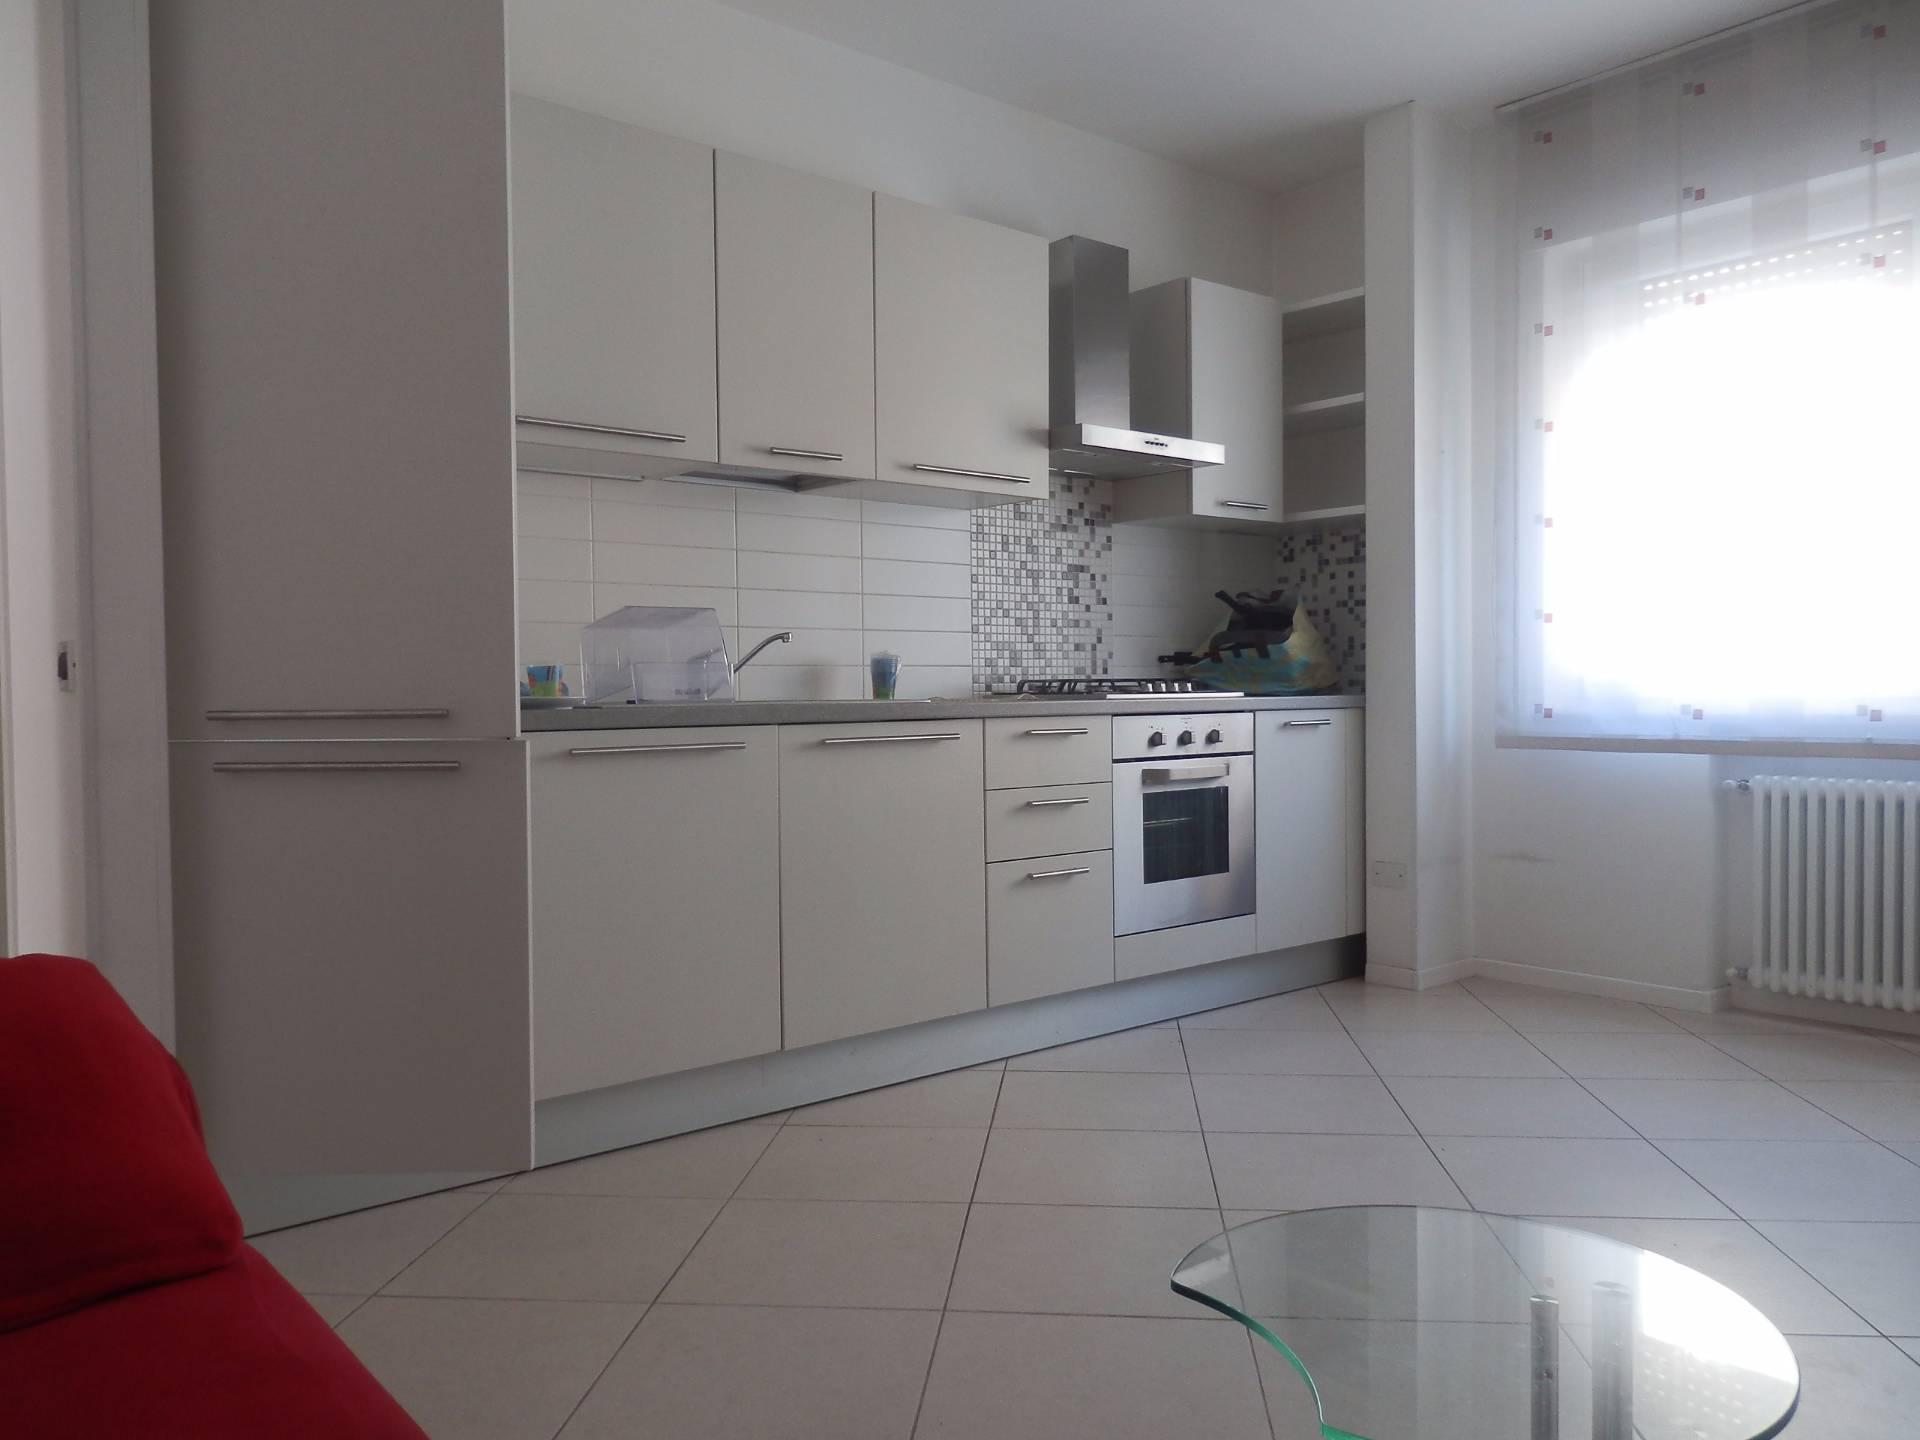 Appartamento in affitto a Bolzano, 3 locali, zona Località: tribunale, prezzo € 1.000 | CambioCasa.it